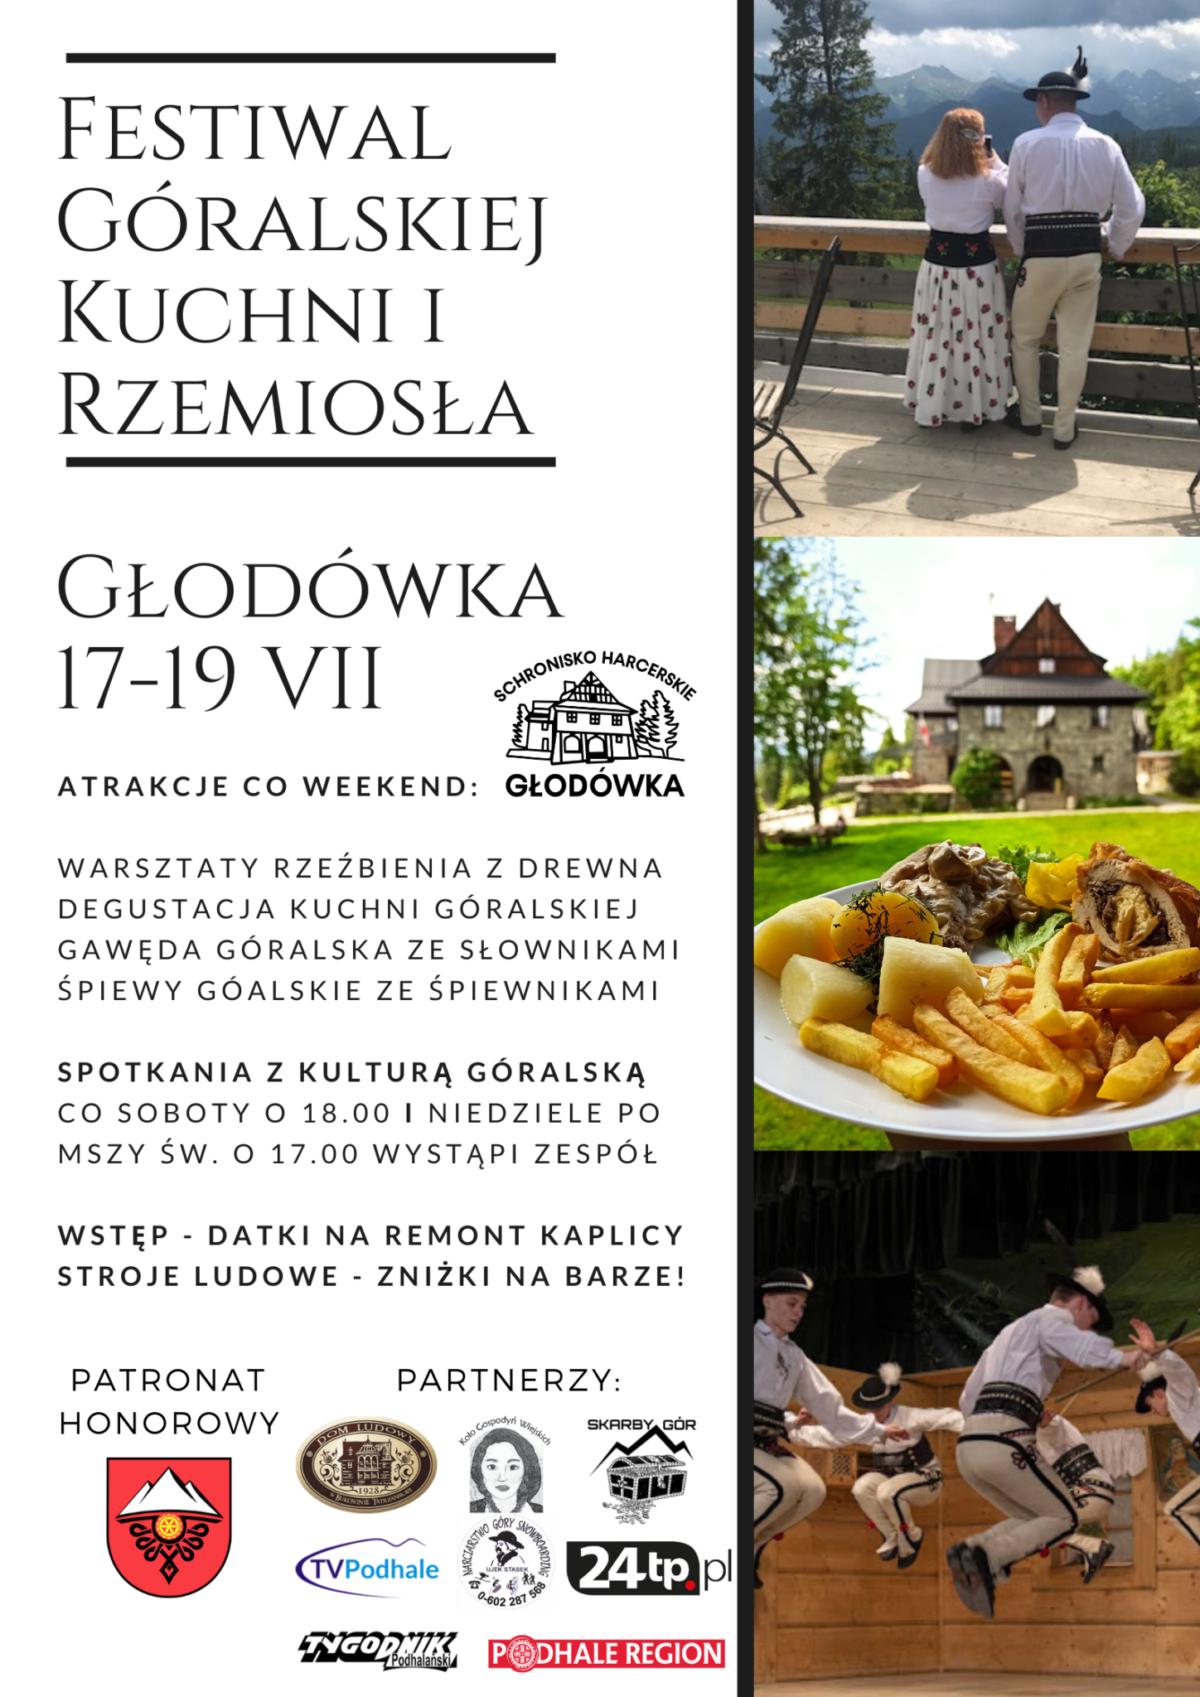 Glodowka_PR-Festiwal-Kuchni-i-Rzemiosła-Góralskiego-17-19-VII-15-VII-2-1200x1697.png